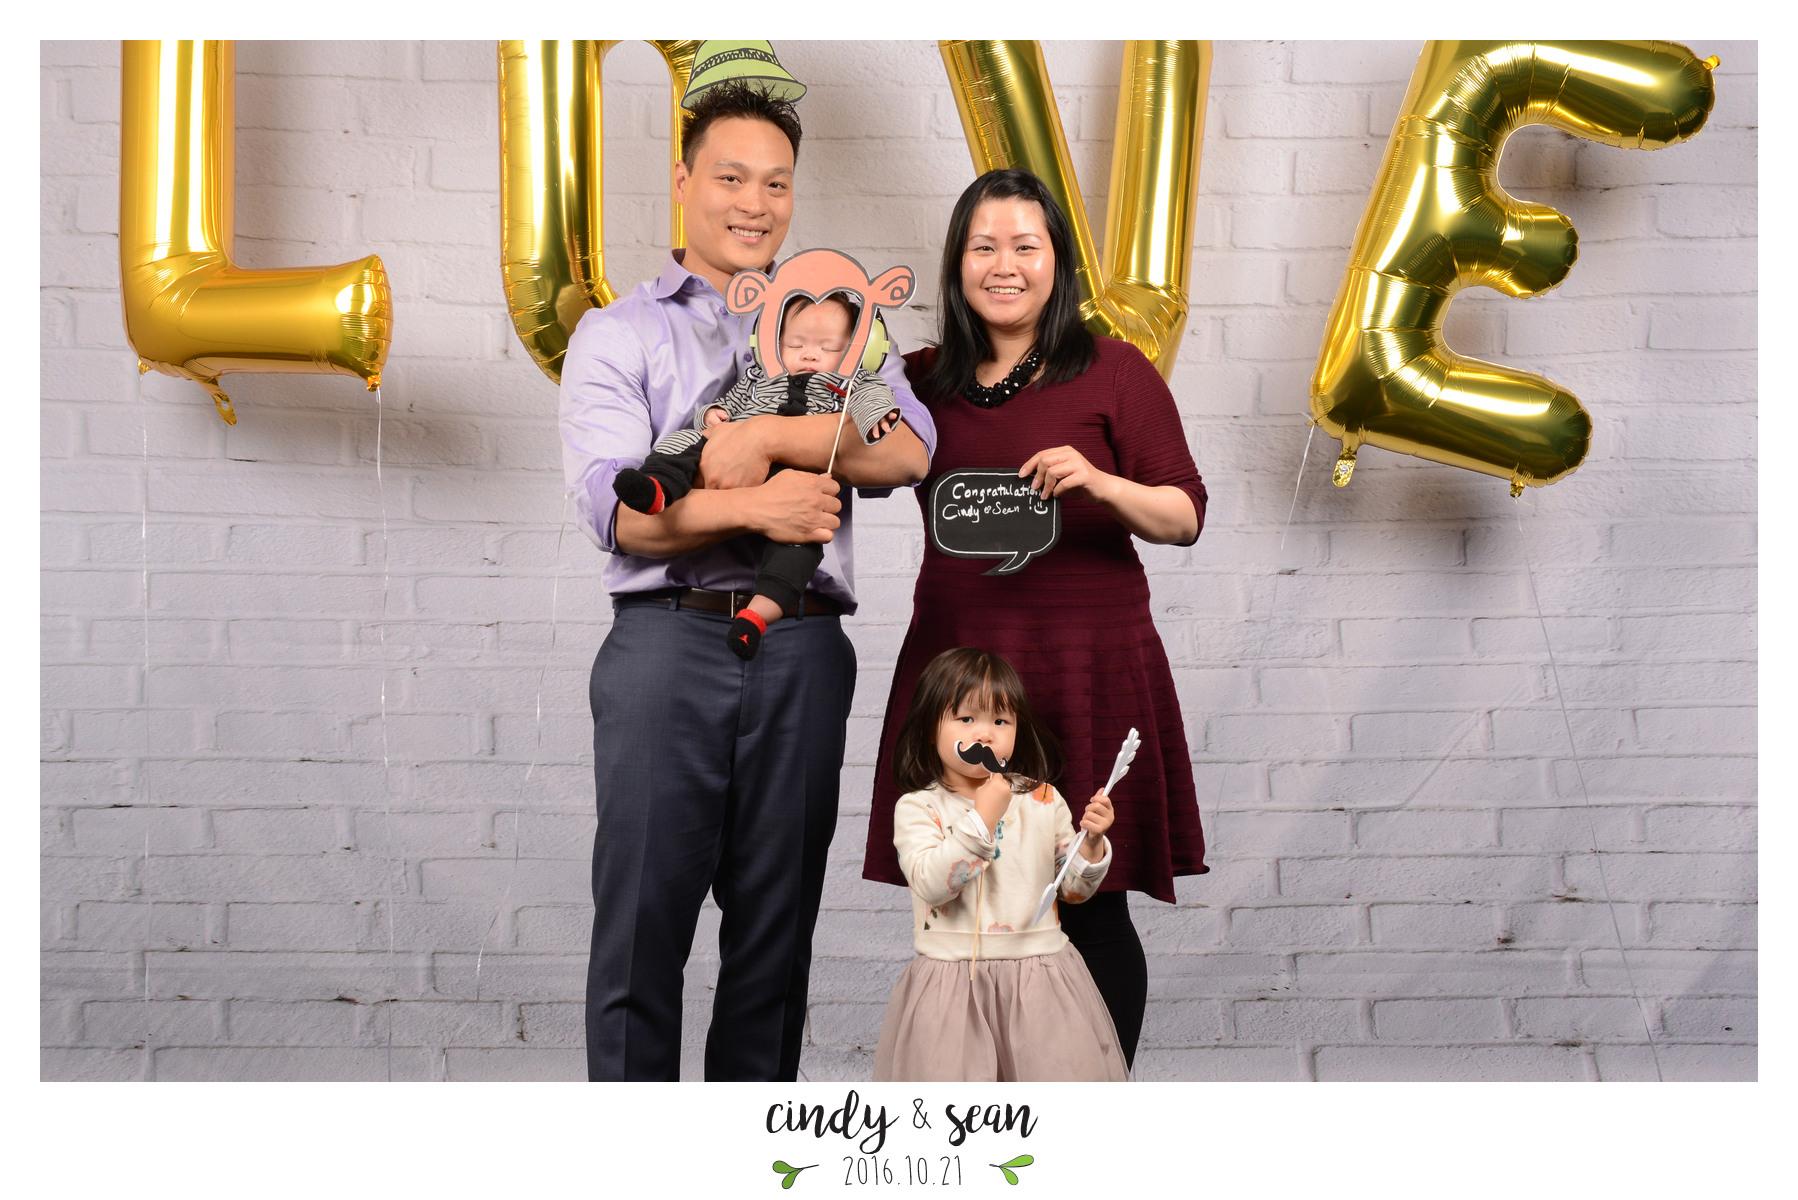 Cindy Sean Bae - 0001-47.jpg